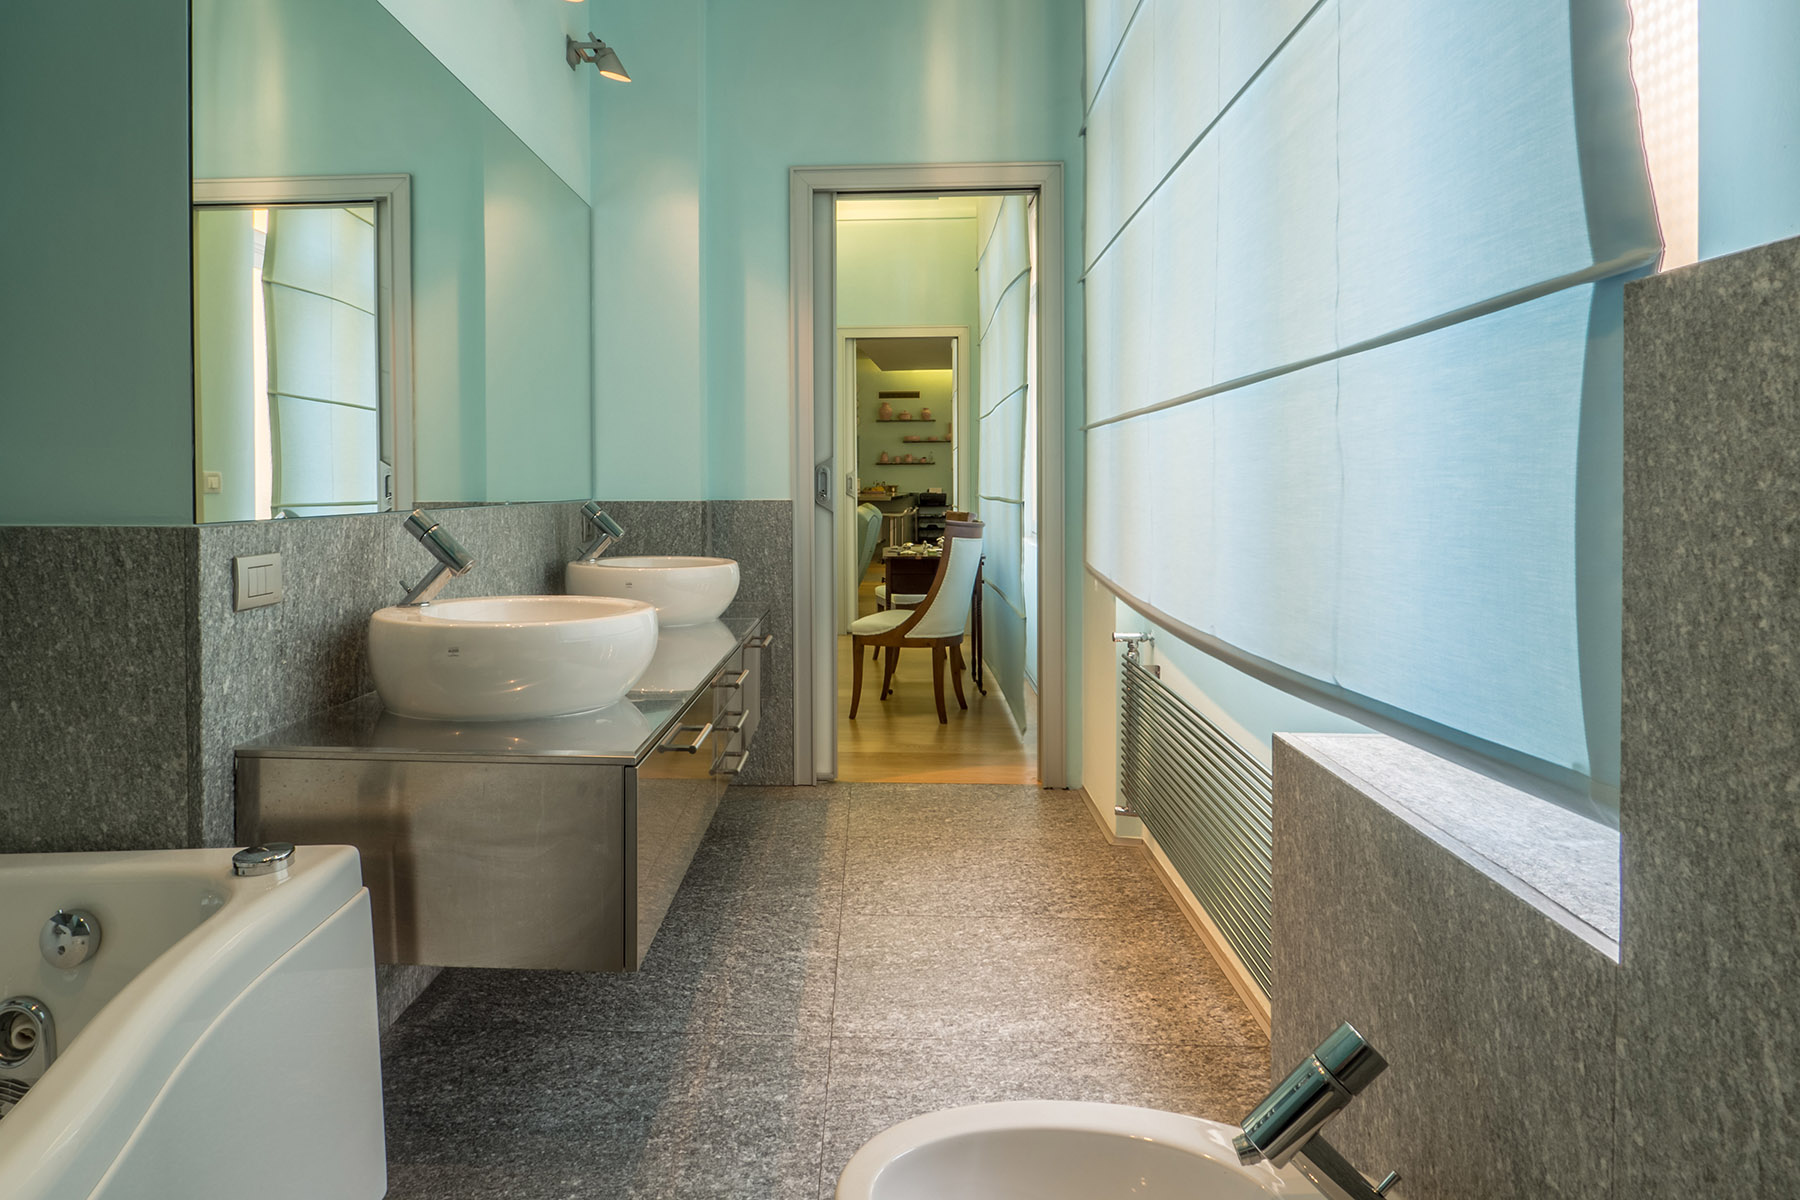 Appartamento in Vendita a Torino: 4 locali, 148 mq - Foto 14